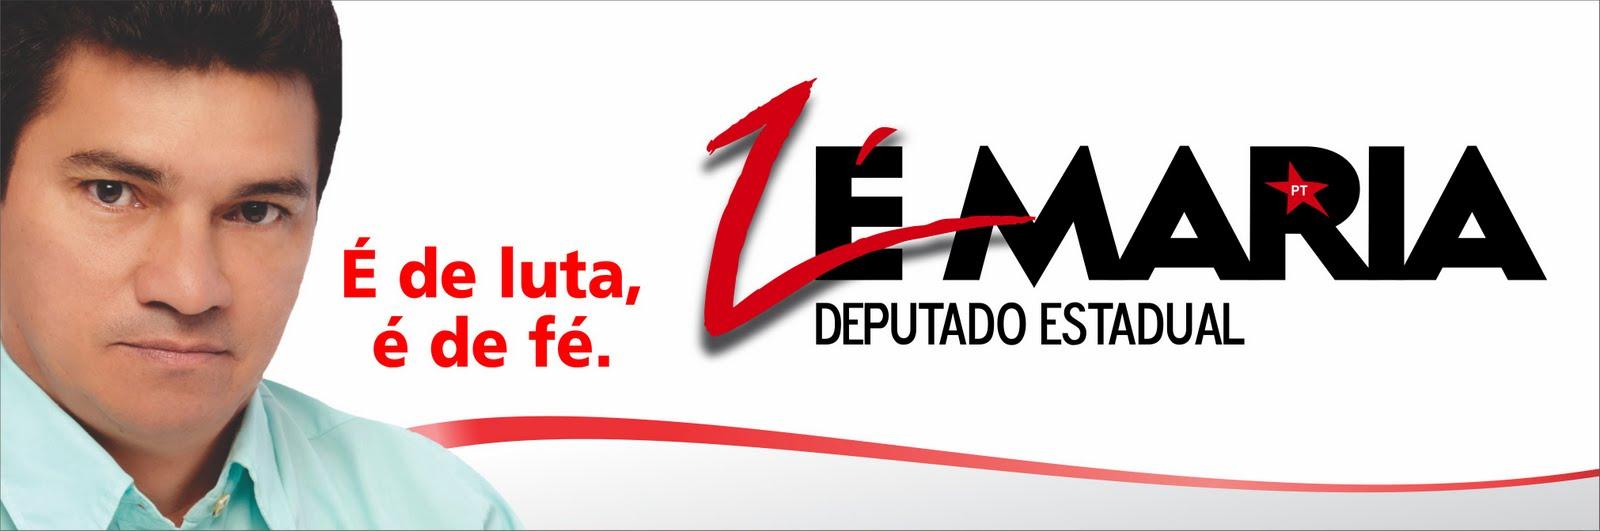 Blog do Deputado Zé Maria